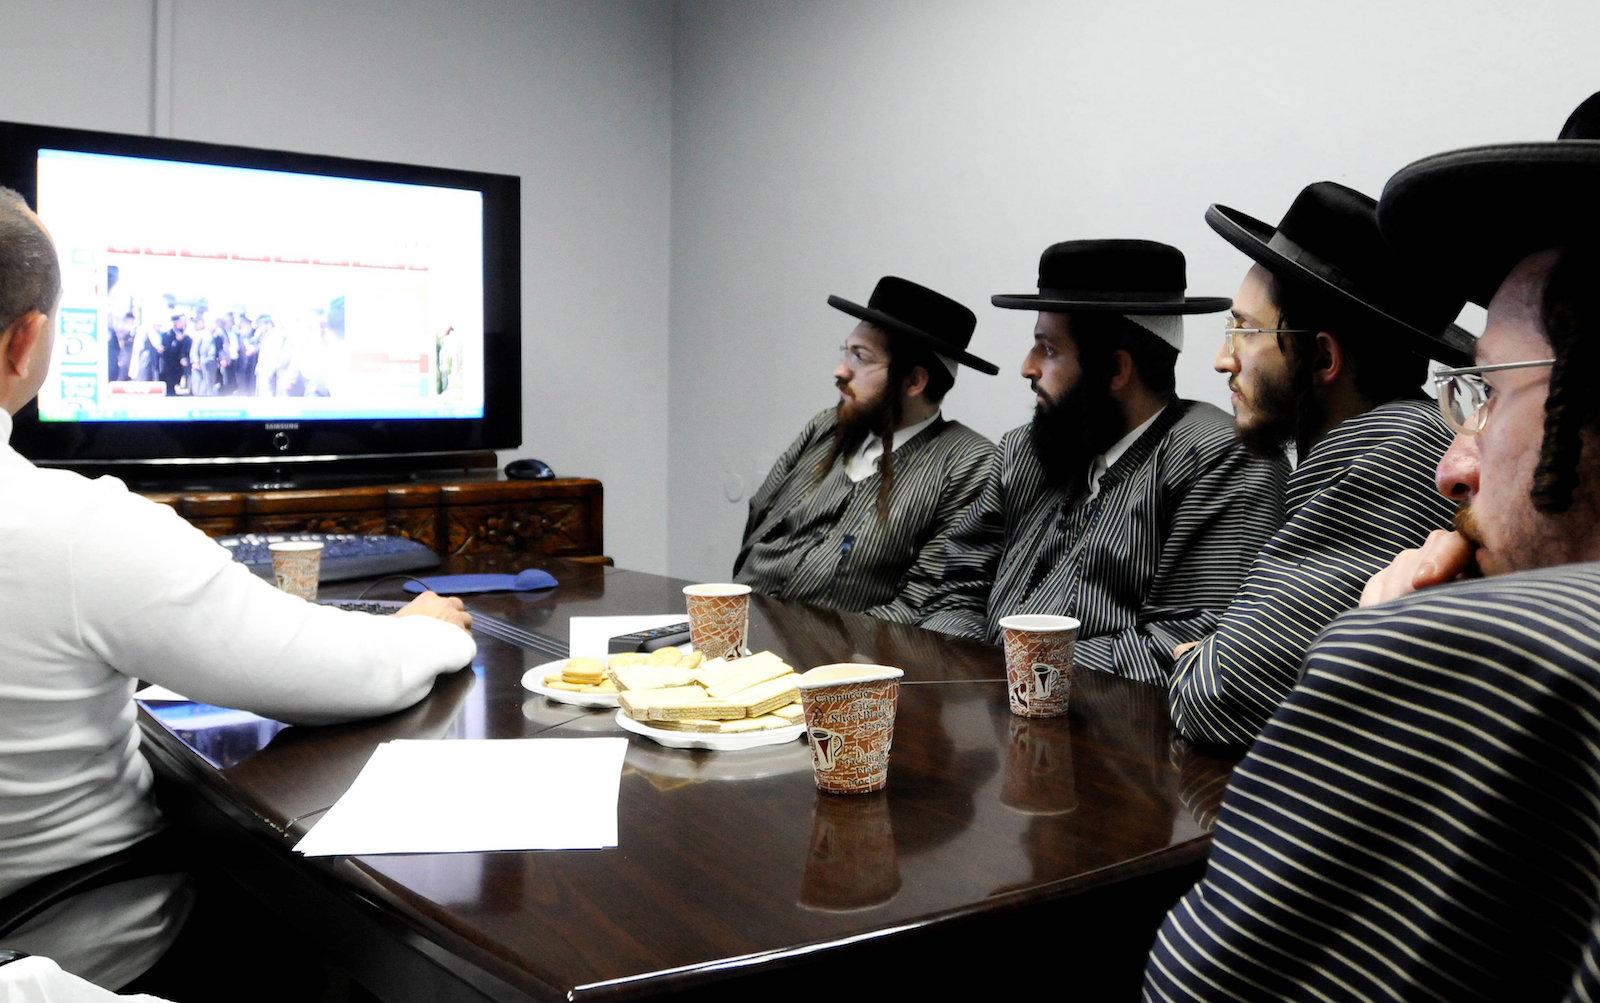 Az internetre költözött a hazai zsidóság a járvány idejére